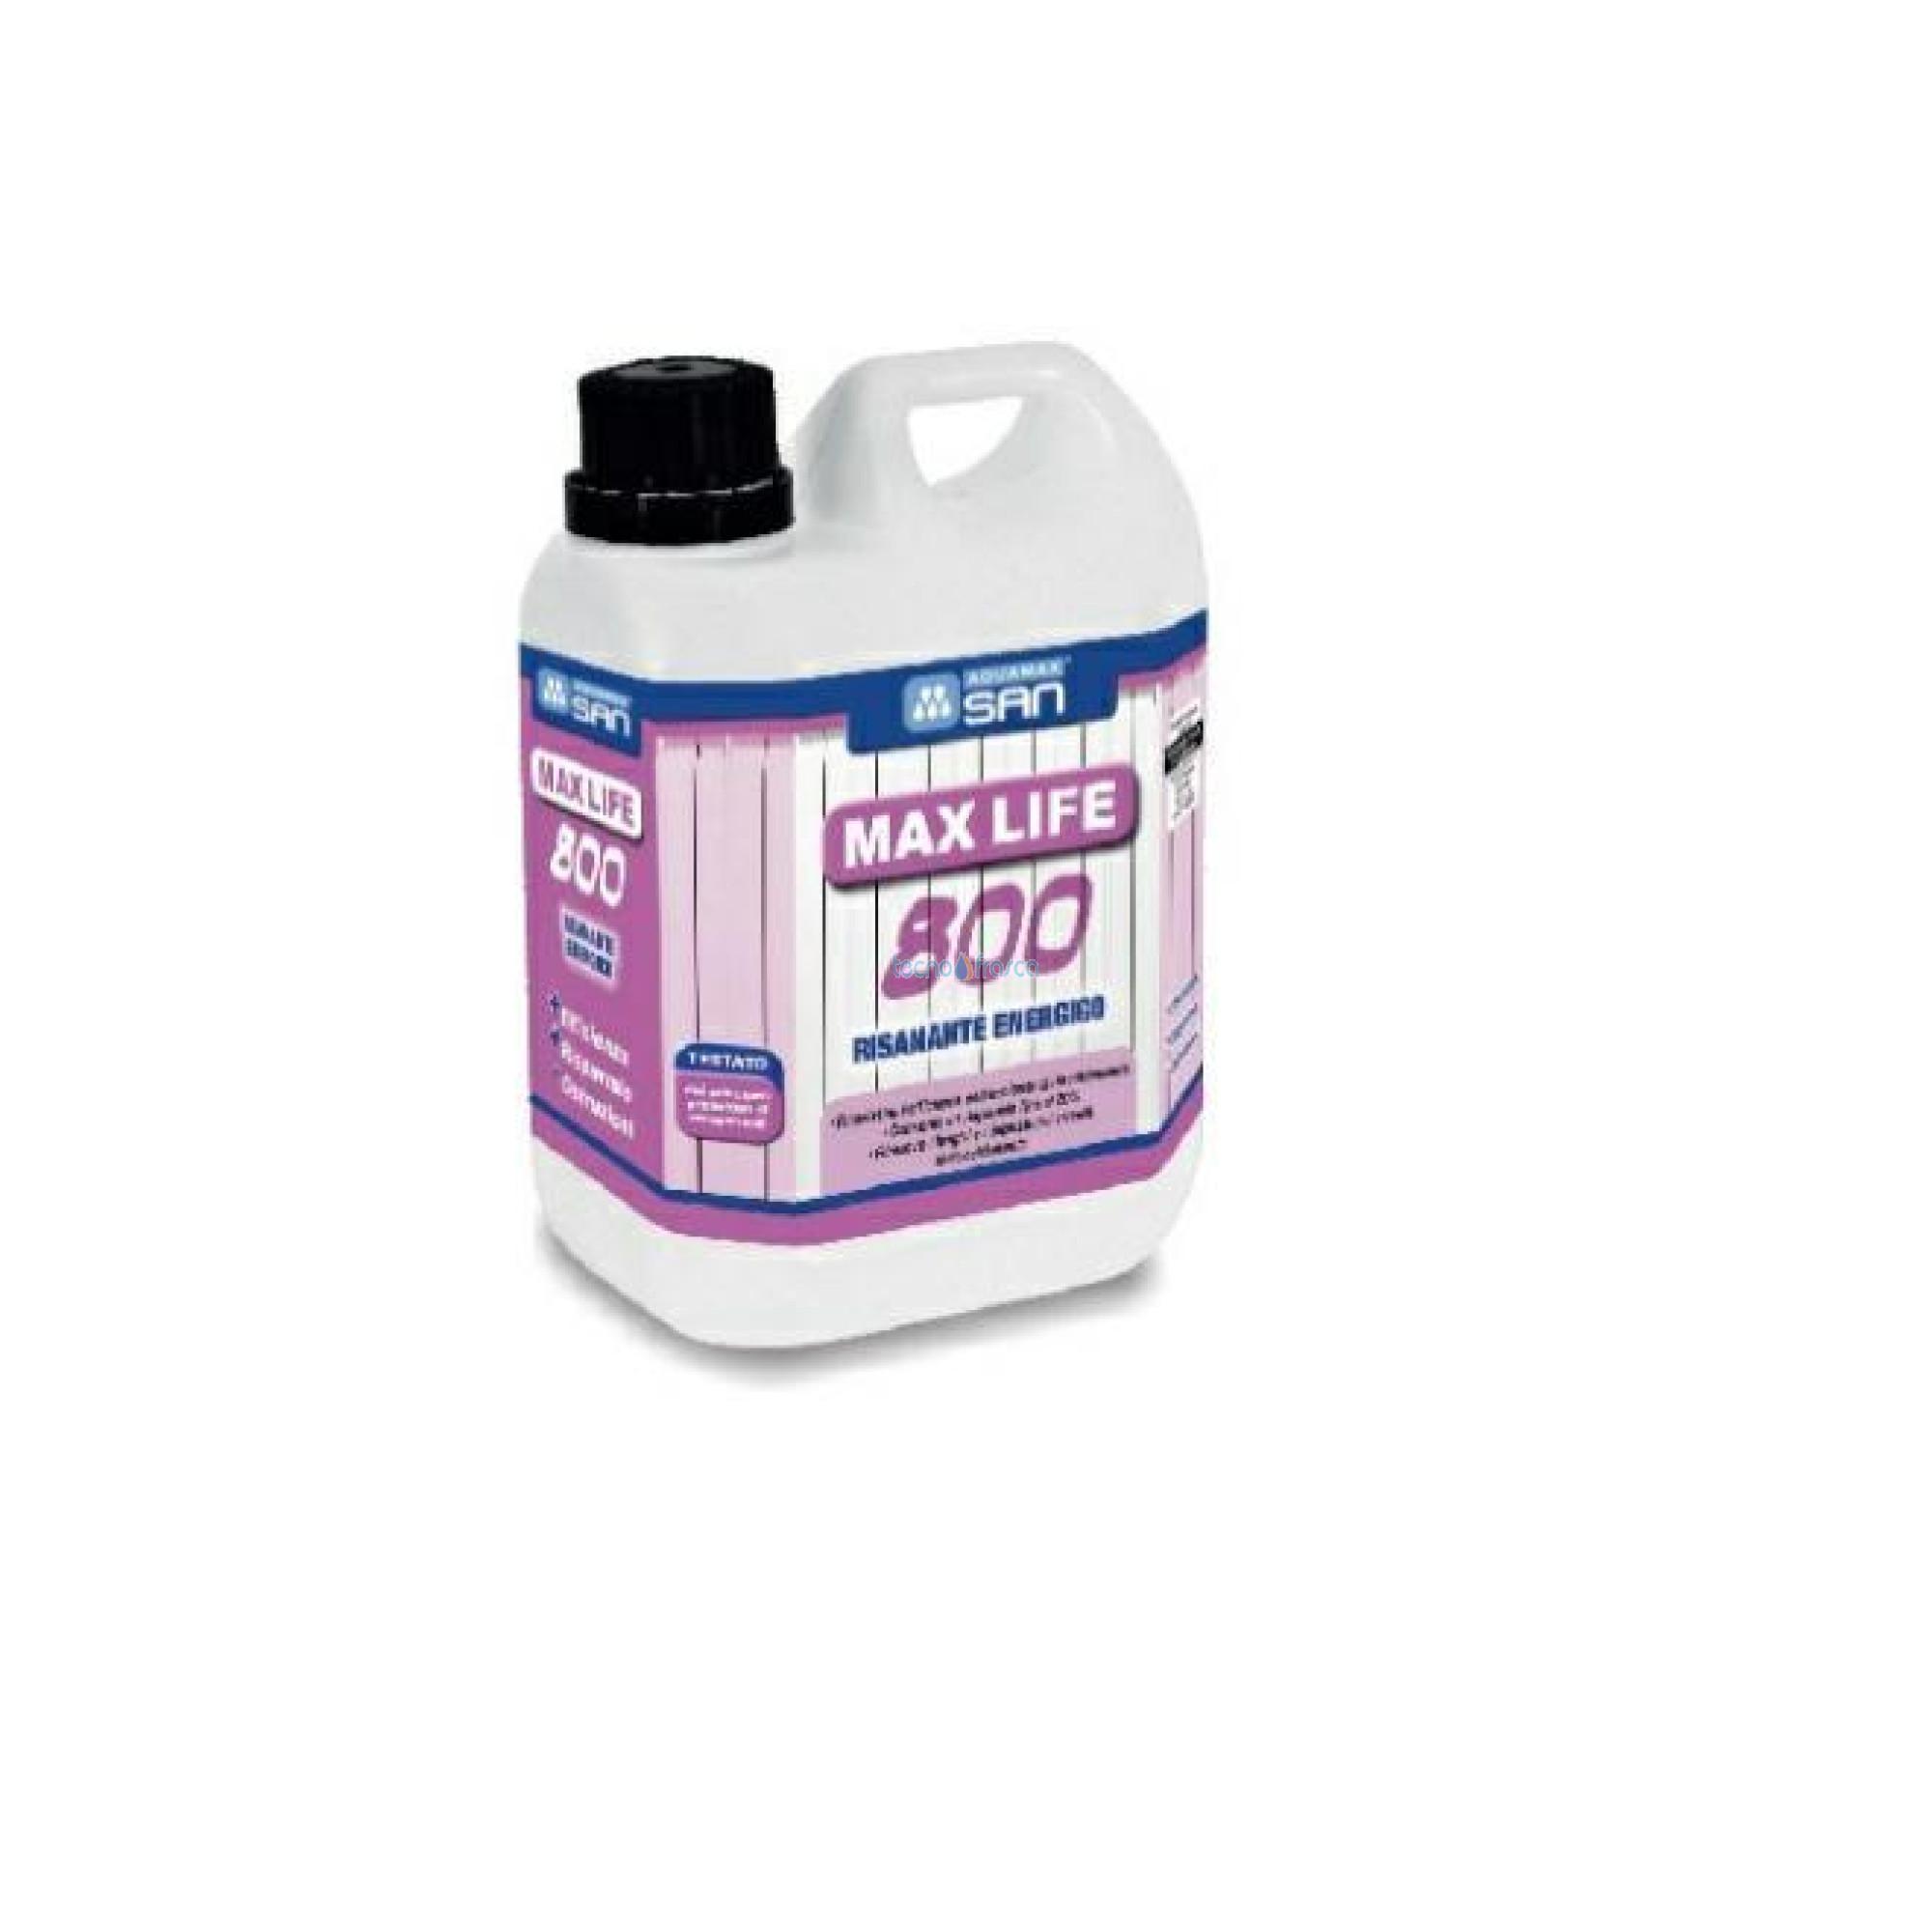 Aquamax risanante anticorrosinvo max life 800 1 kg 10106010